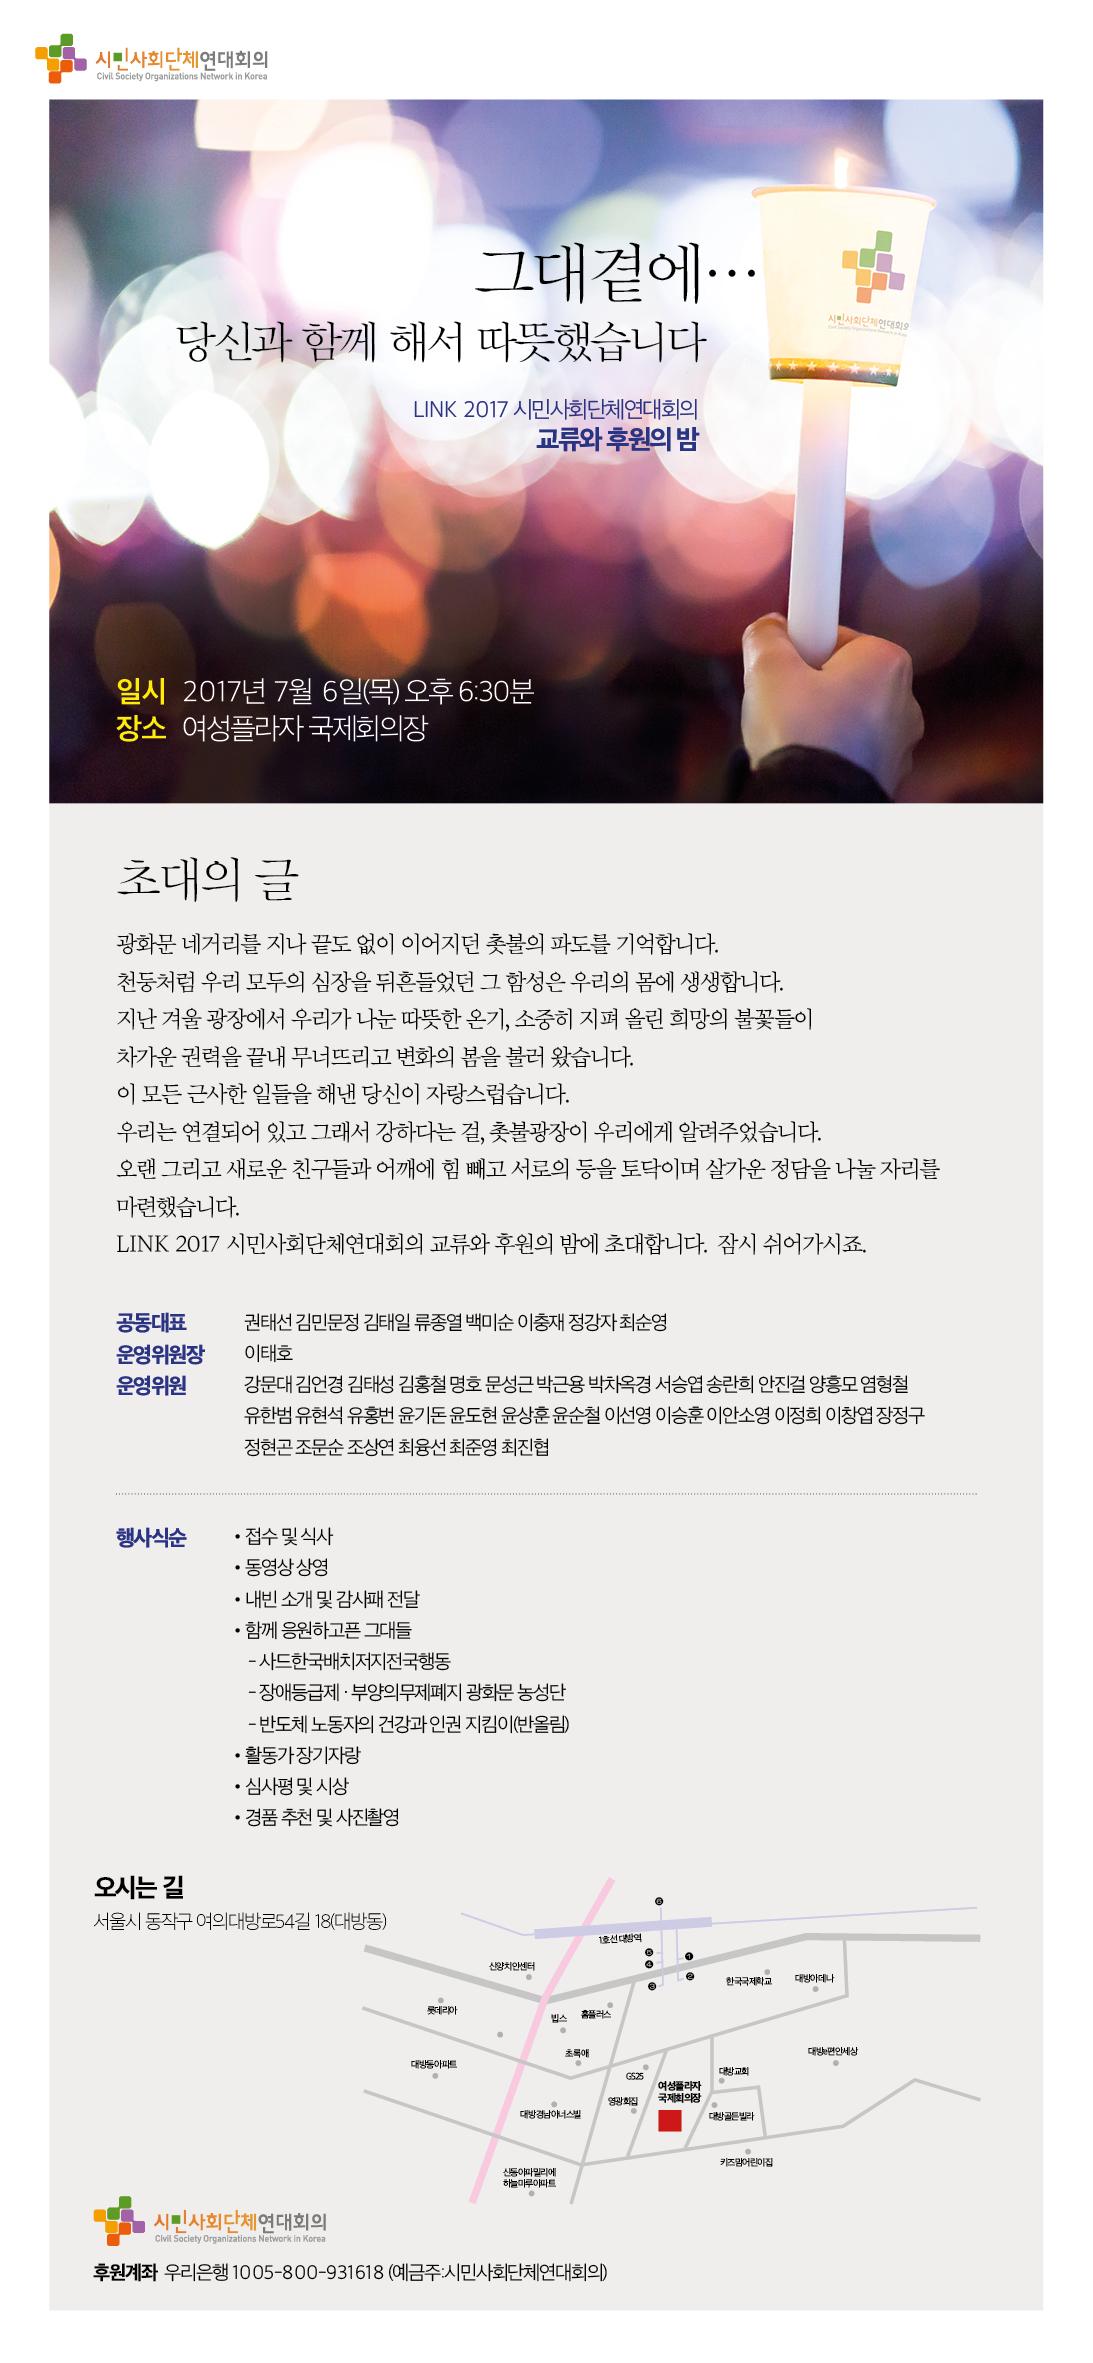 2017 후원의밤-초청장-웹자보.jpg